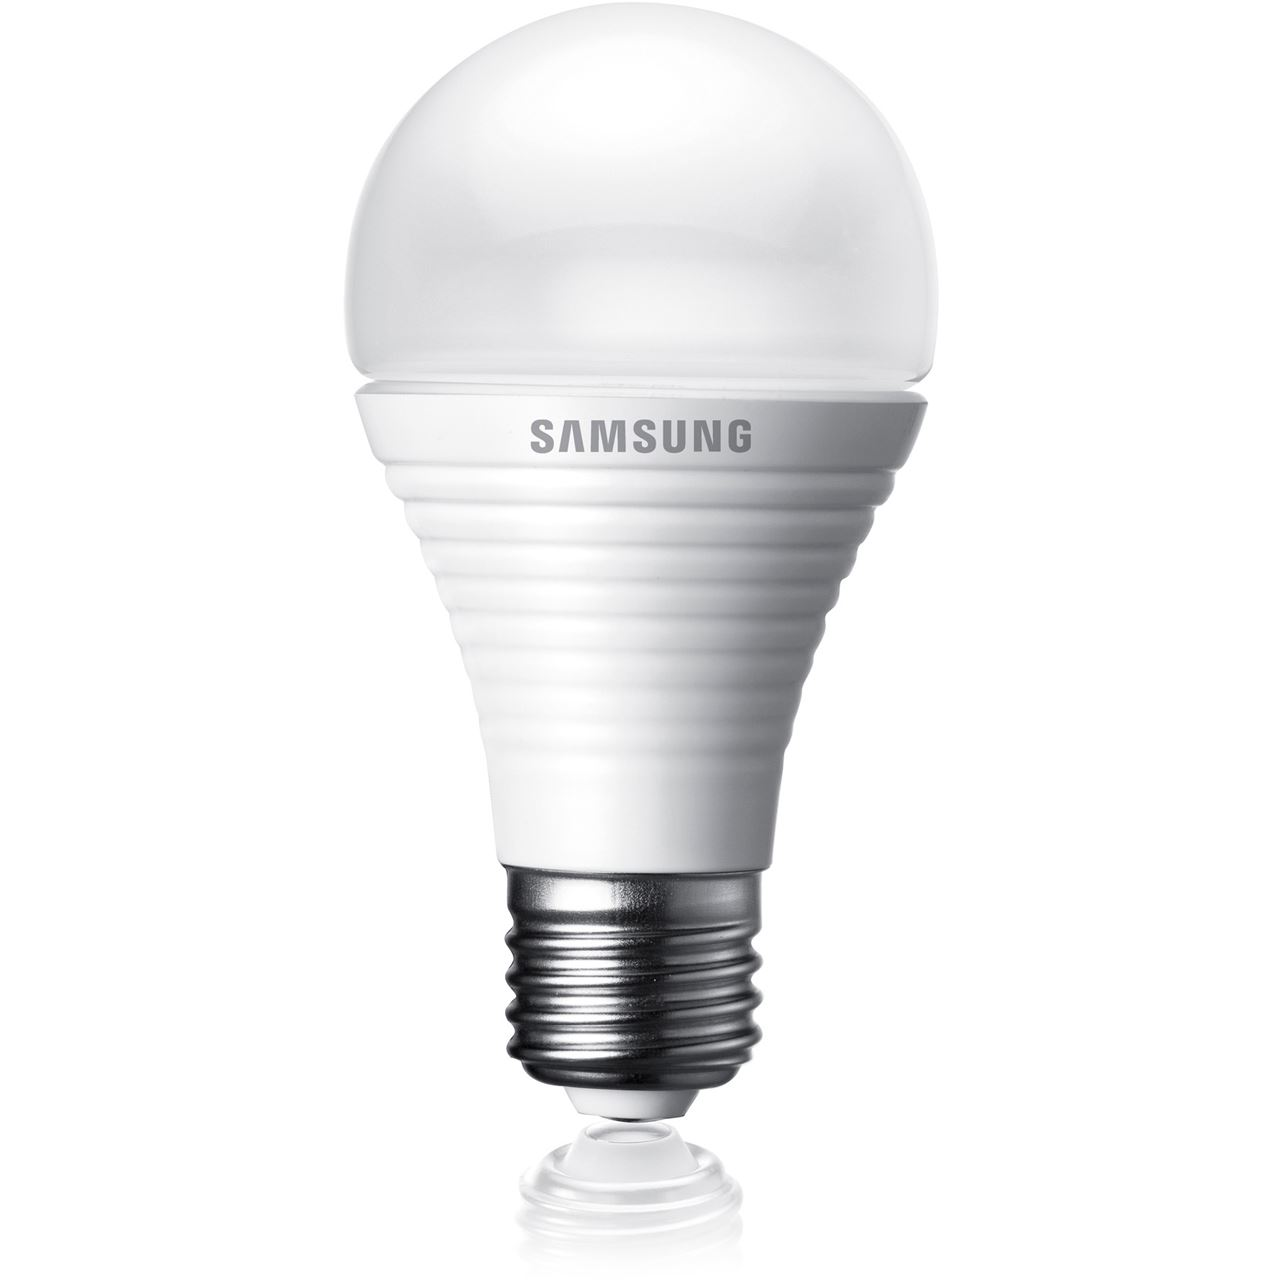 Samsung LED Birne Essential Serie SI-I8W061140EU Matt E27 A+ - LED ...